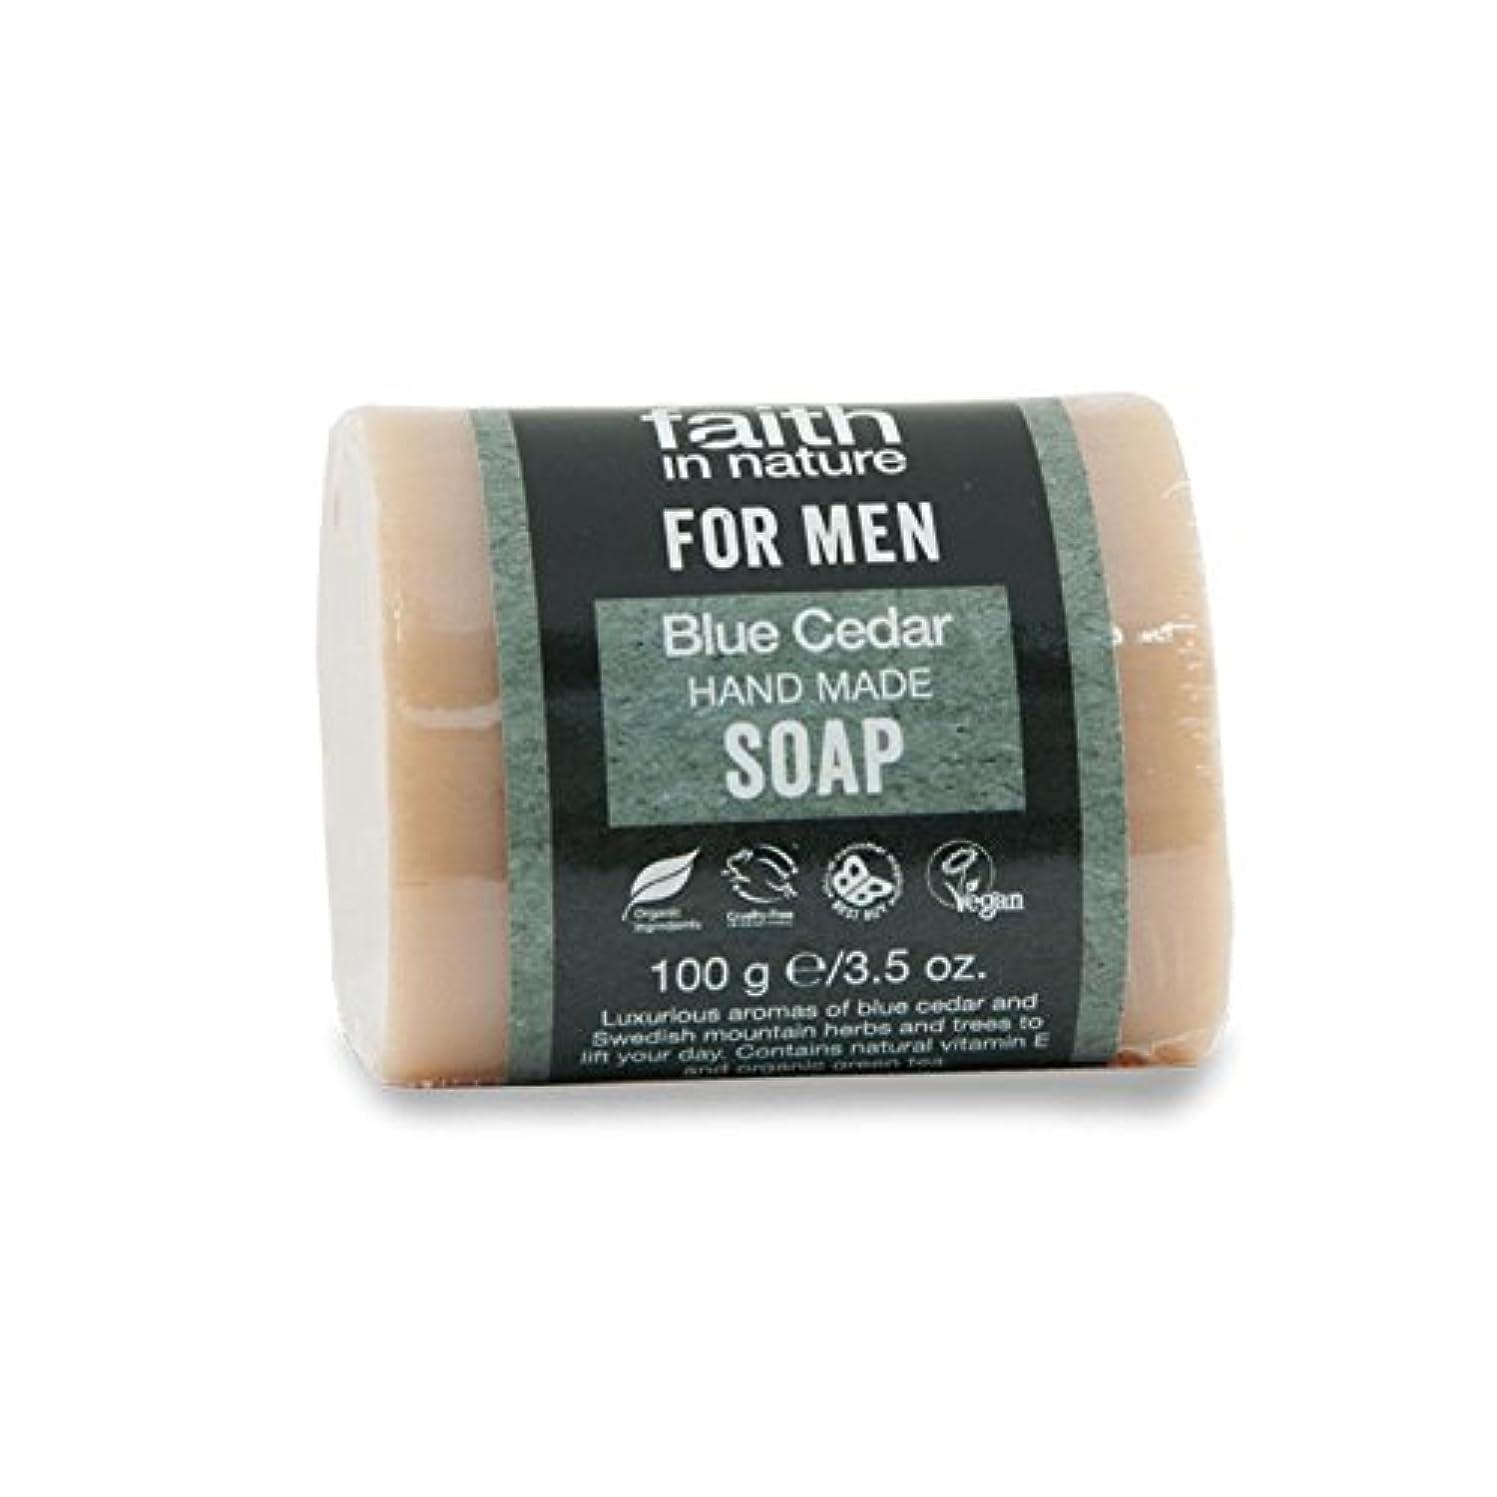 蒸し器宗教的な歴史家Faith in Nature for Men Blue Cedar Soap 100g (Pack of 6) - 男性青杉の石鹸100グラムのための自然の中で信仰 (x6) [並行輸入品]